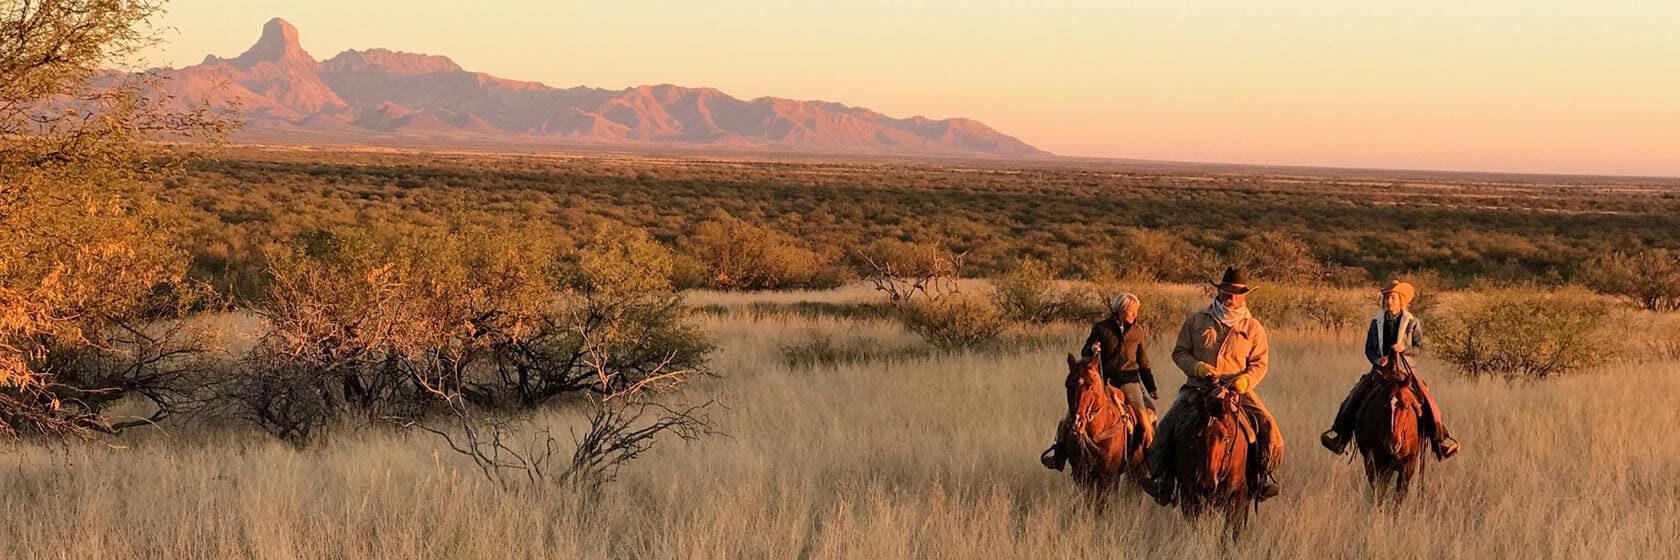 Trail ride in a field at Rancho de la Osa